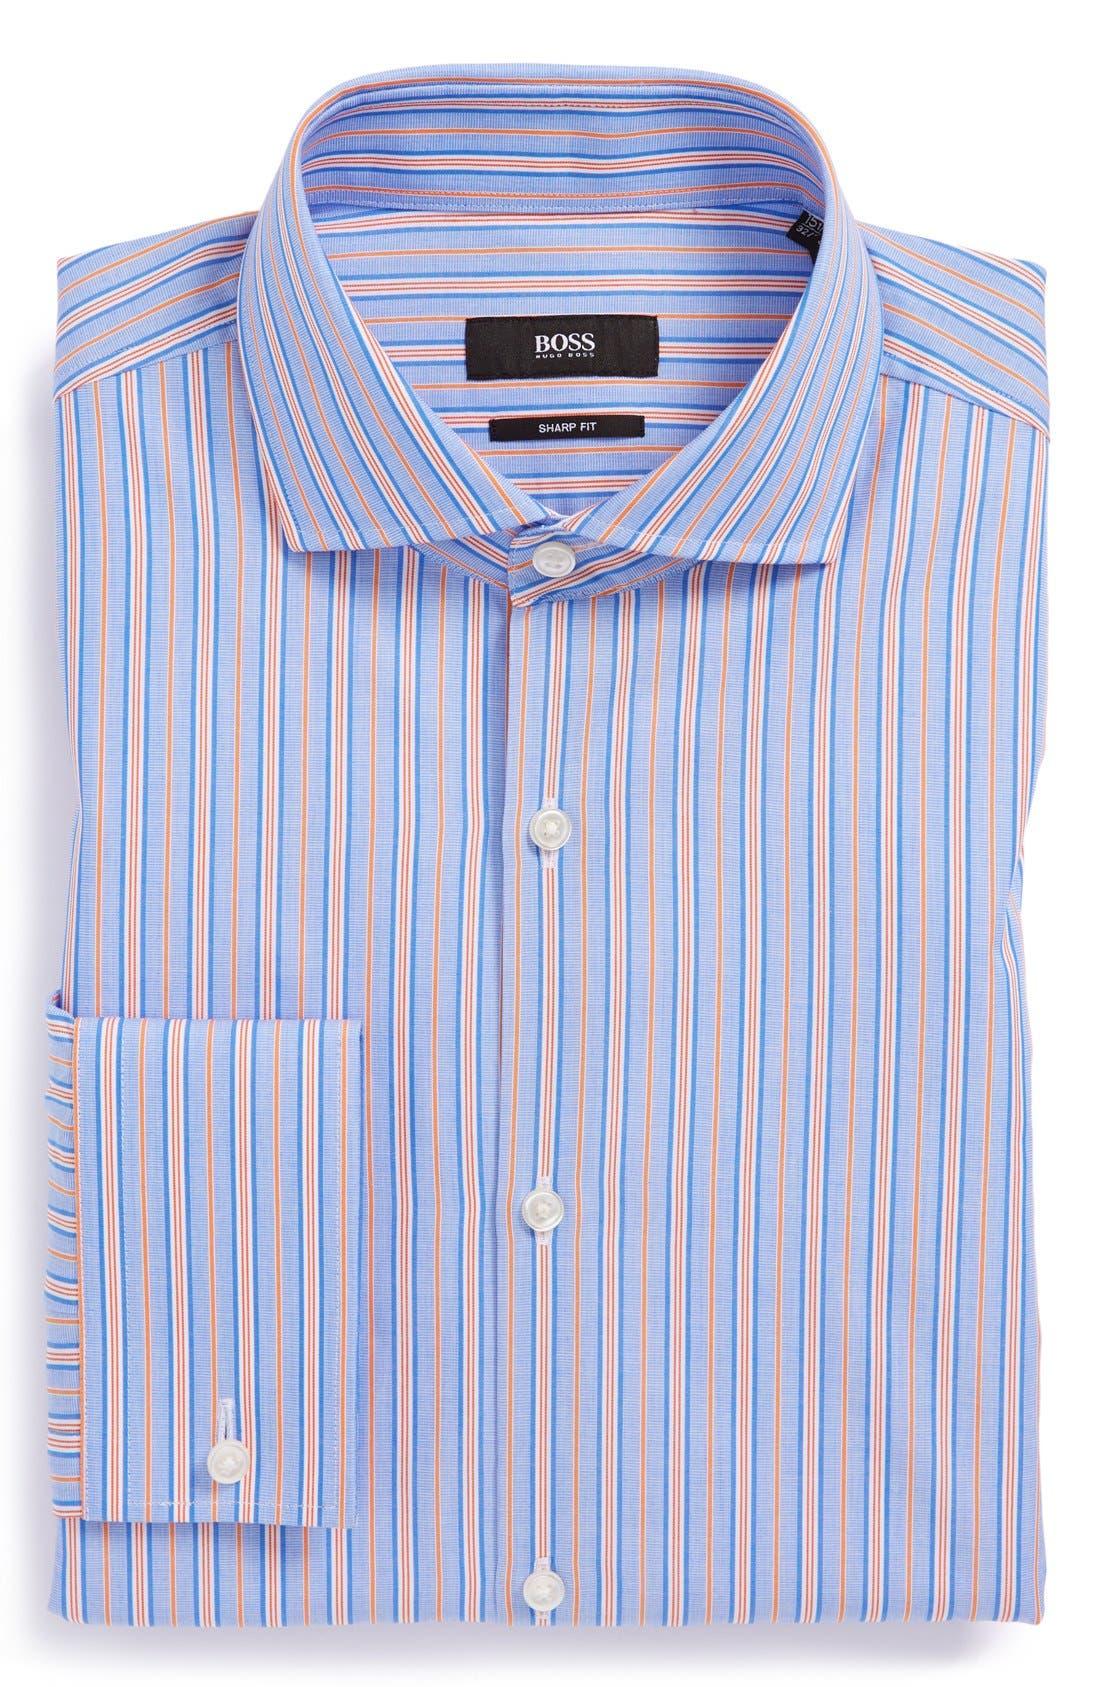 Main Image - BOSS HUGO BOSS 'Maison' Sharp Fit French Cuff Stripe Dress Shirt